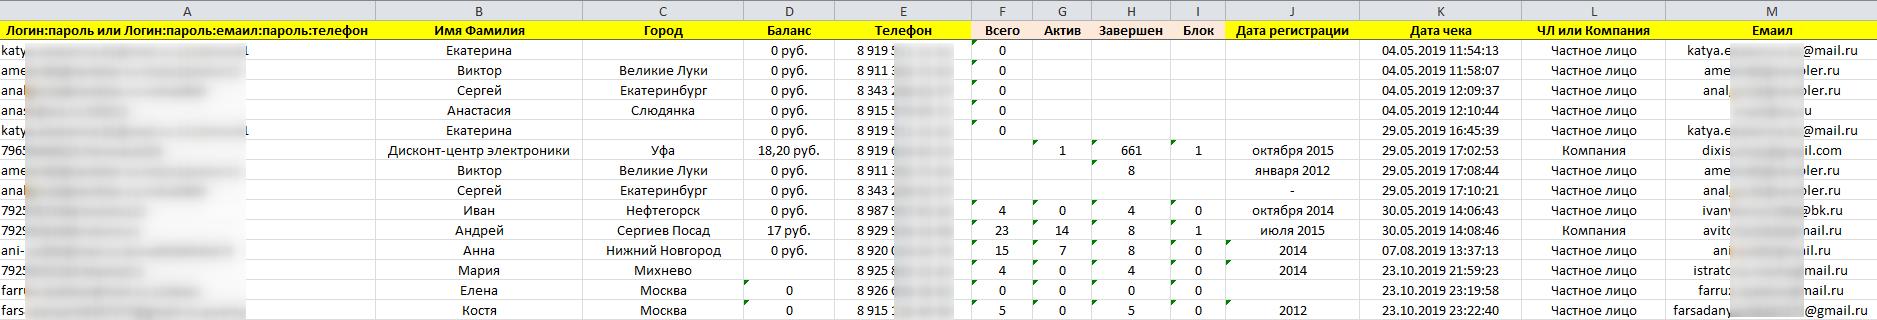 Avito - Чекер аккаунтов (пример отчета таблицы)